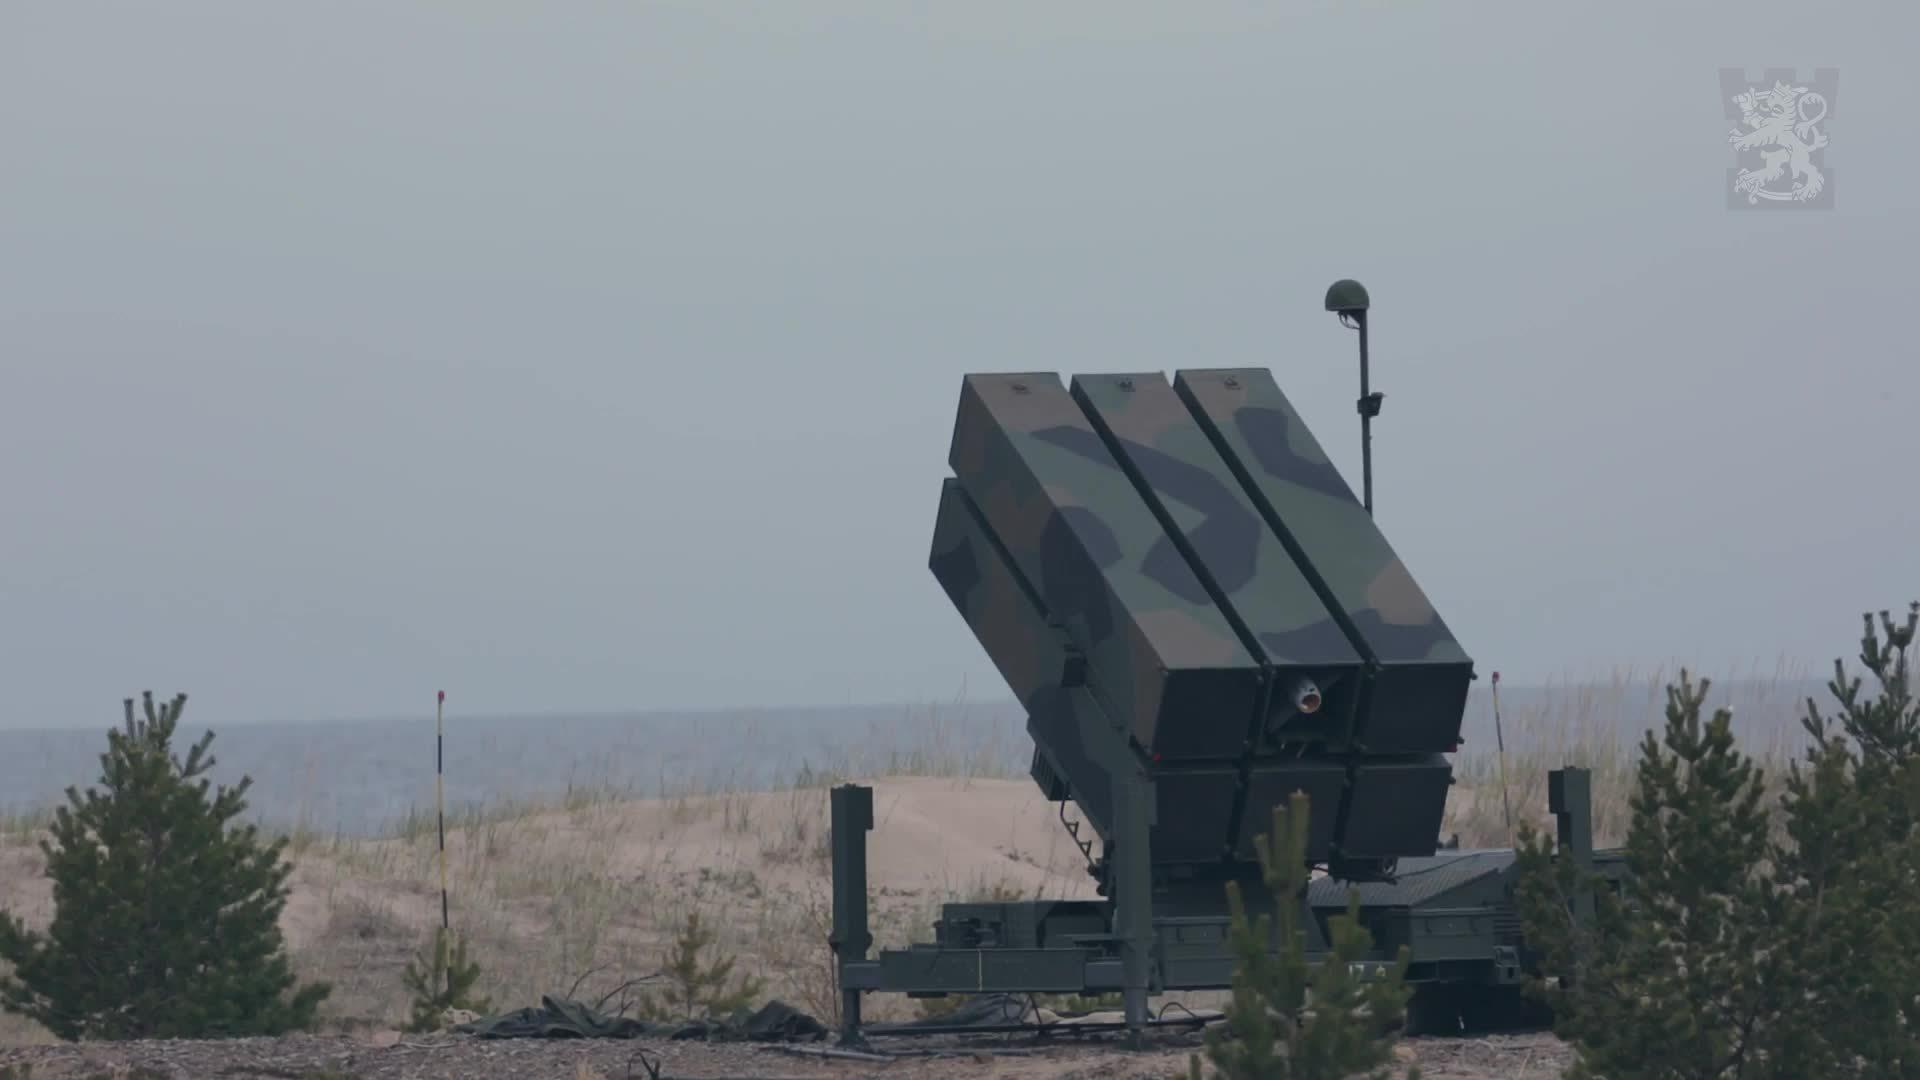 militarygfys, Täysosumia alusta loppuun  - Valtakunnallinen ilmapuolustusharjoitus 1/16 GIFs